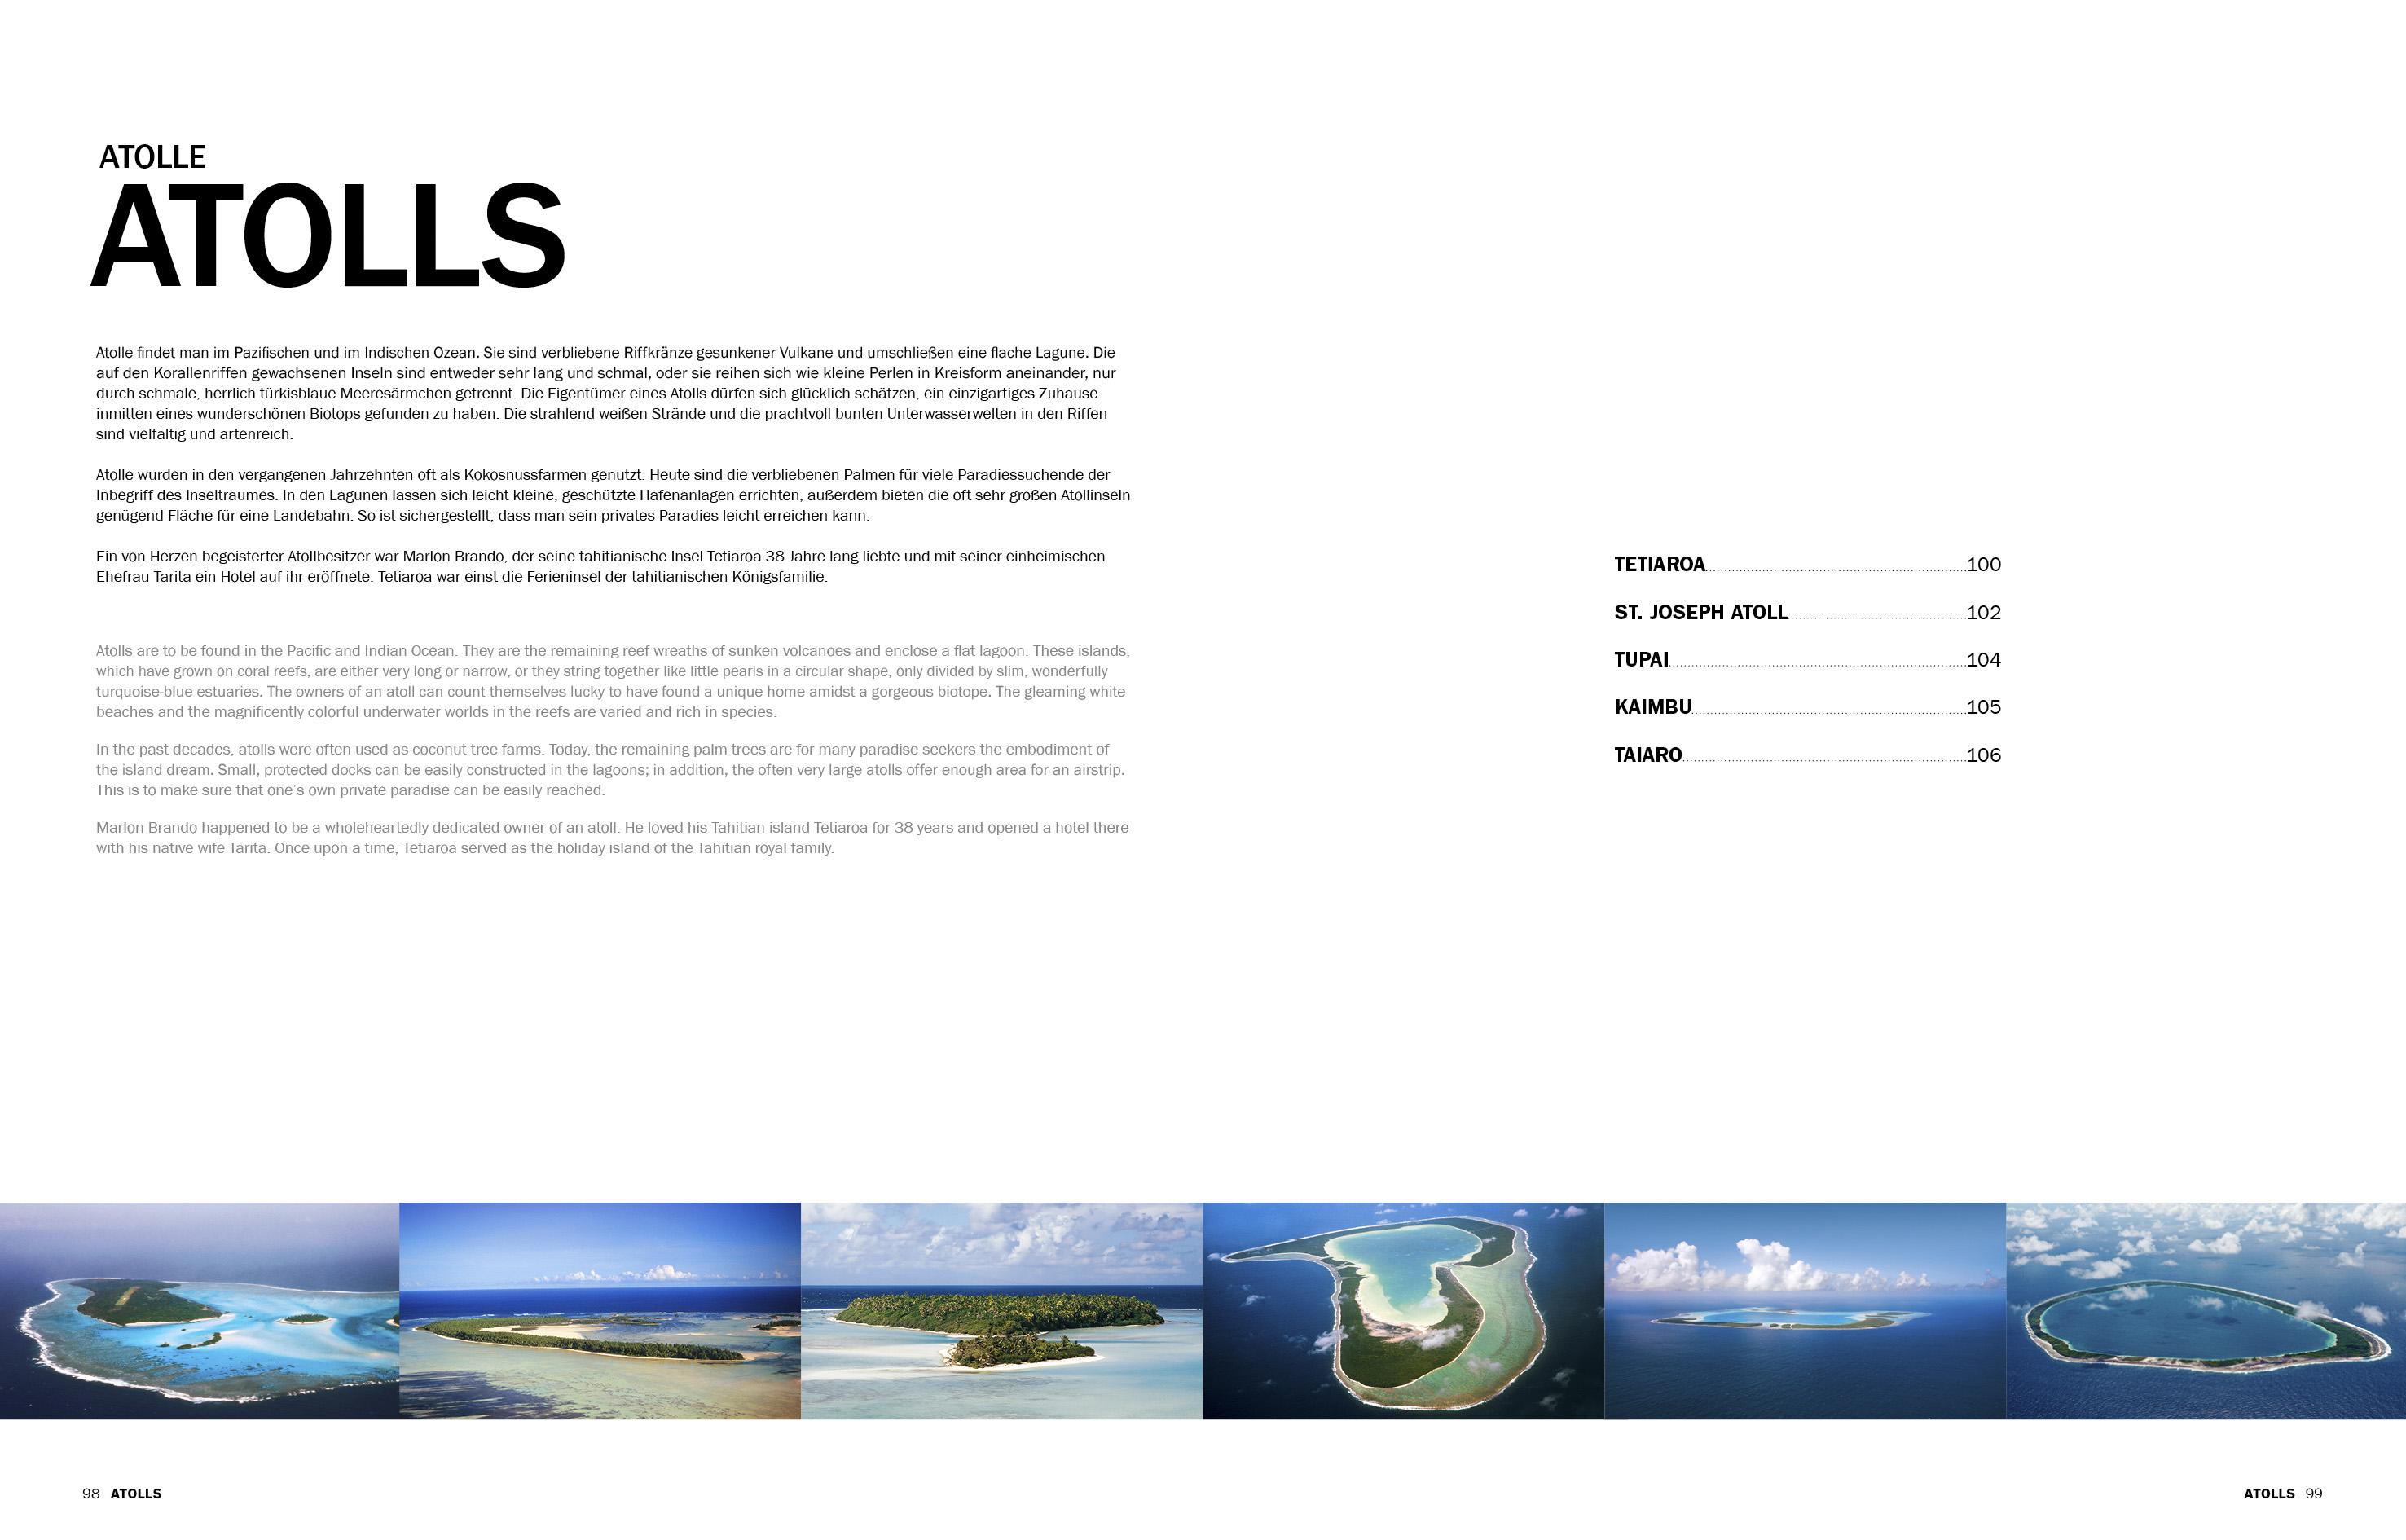 Atolle Atolls